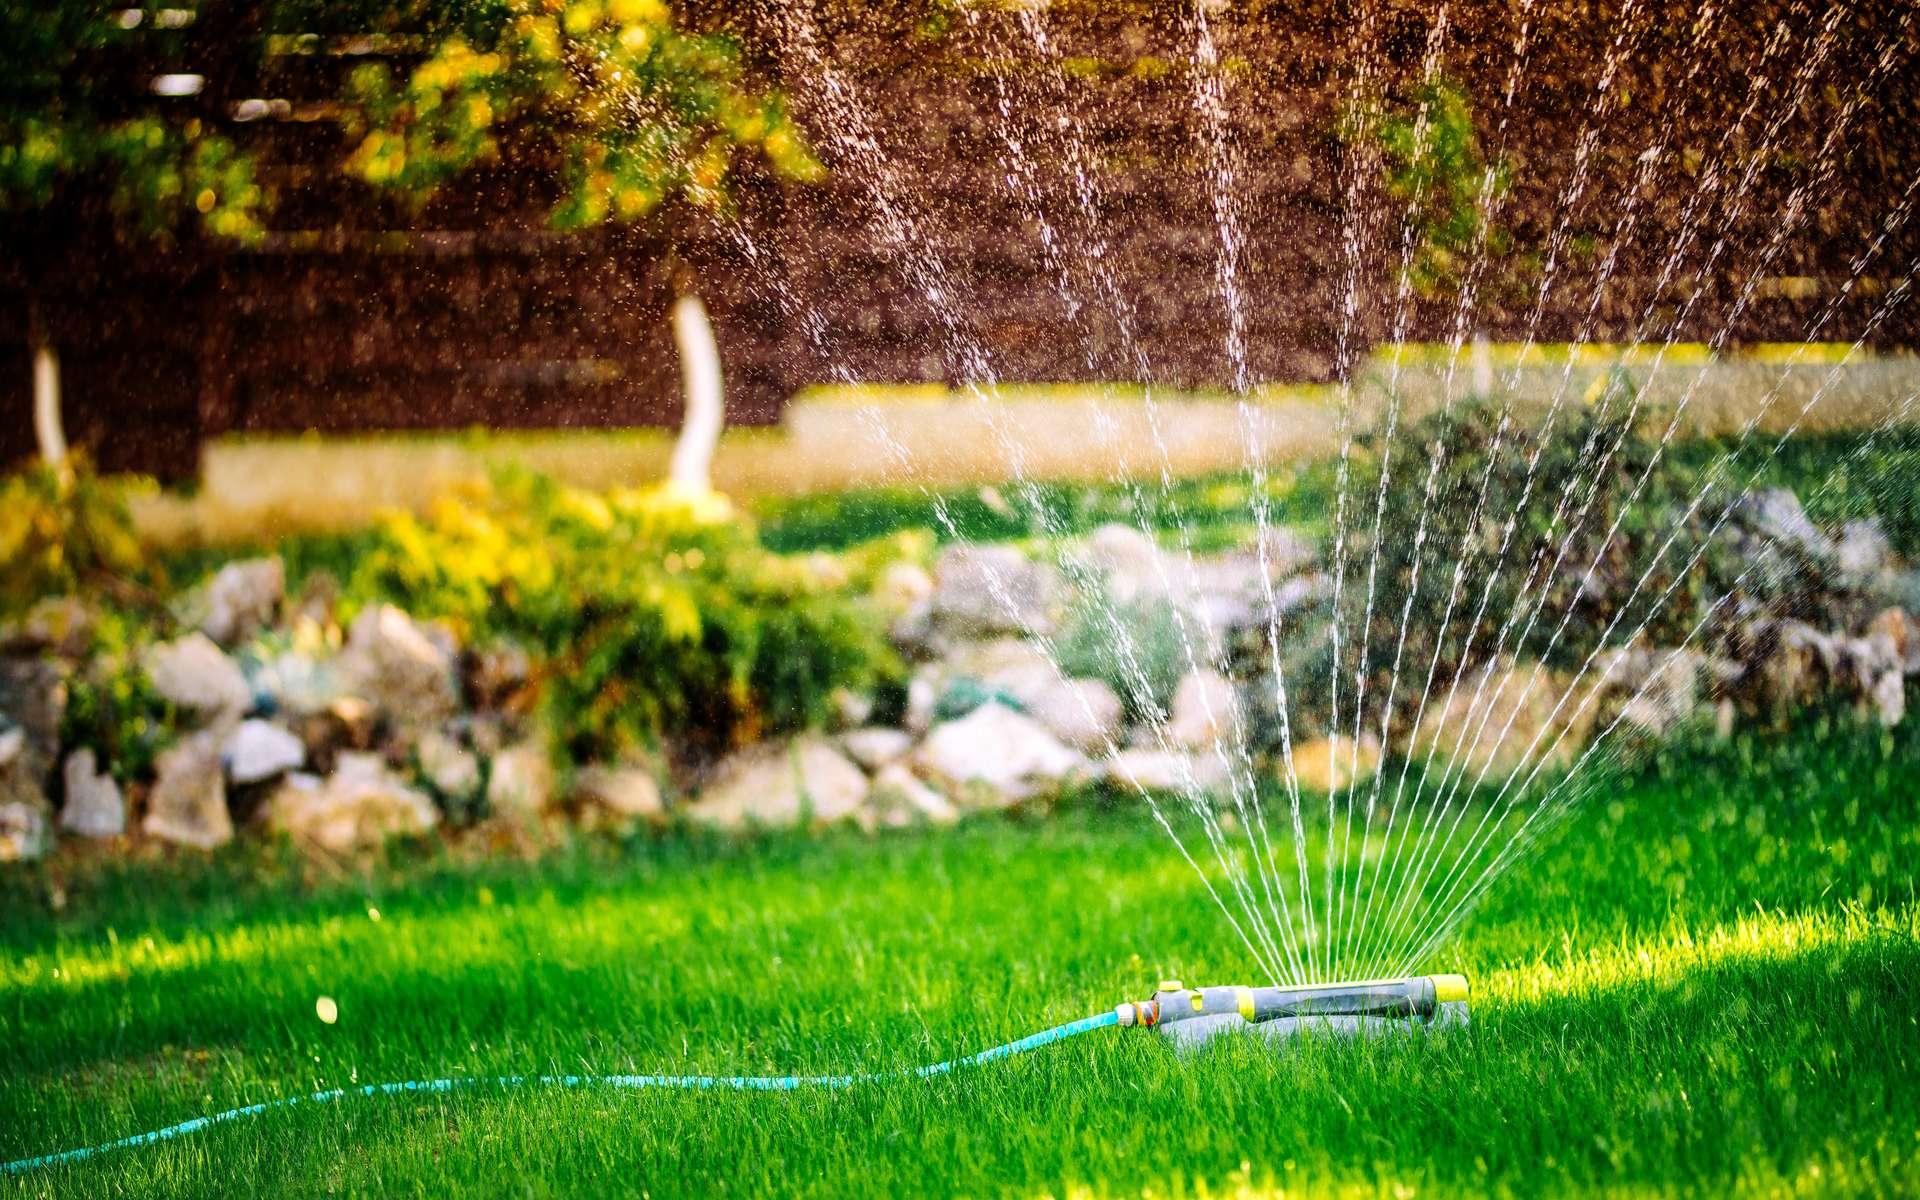 Primordial pour un jardin verdoyant, l'arrosage. Pour arroser ni trop, ni pas assez, les solutions domotiques assurent la gestion de l'eau. Des économies sur la facture et du temps en plus pour profiter du jardin. © bogdanhoda, Adobe Stock